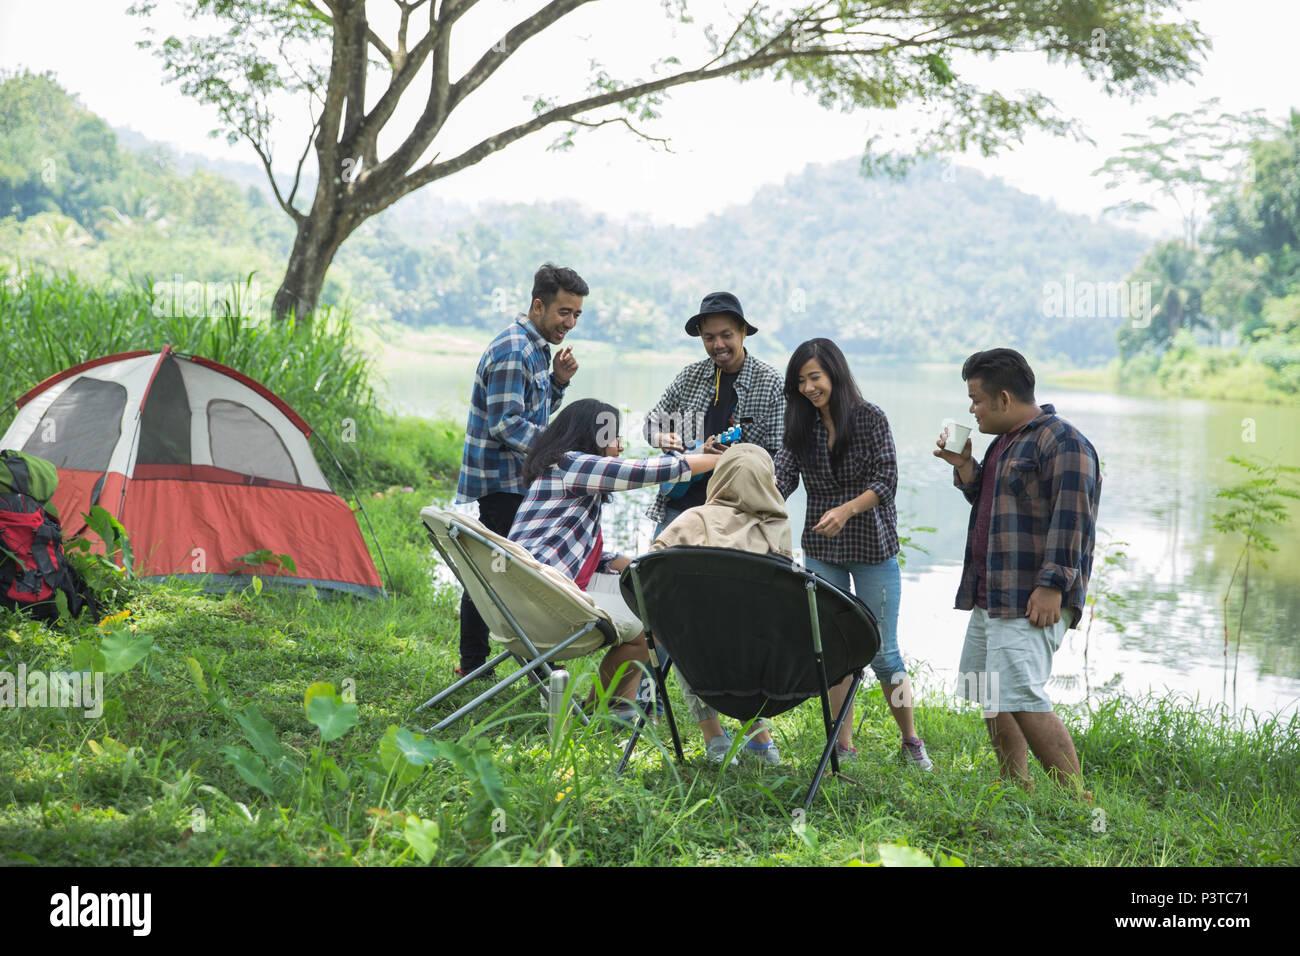 Freunde Entspannende außerhalb der Zelte auf dem Campingplatz Stockbild